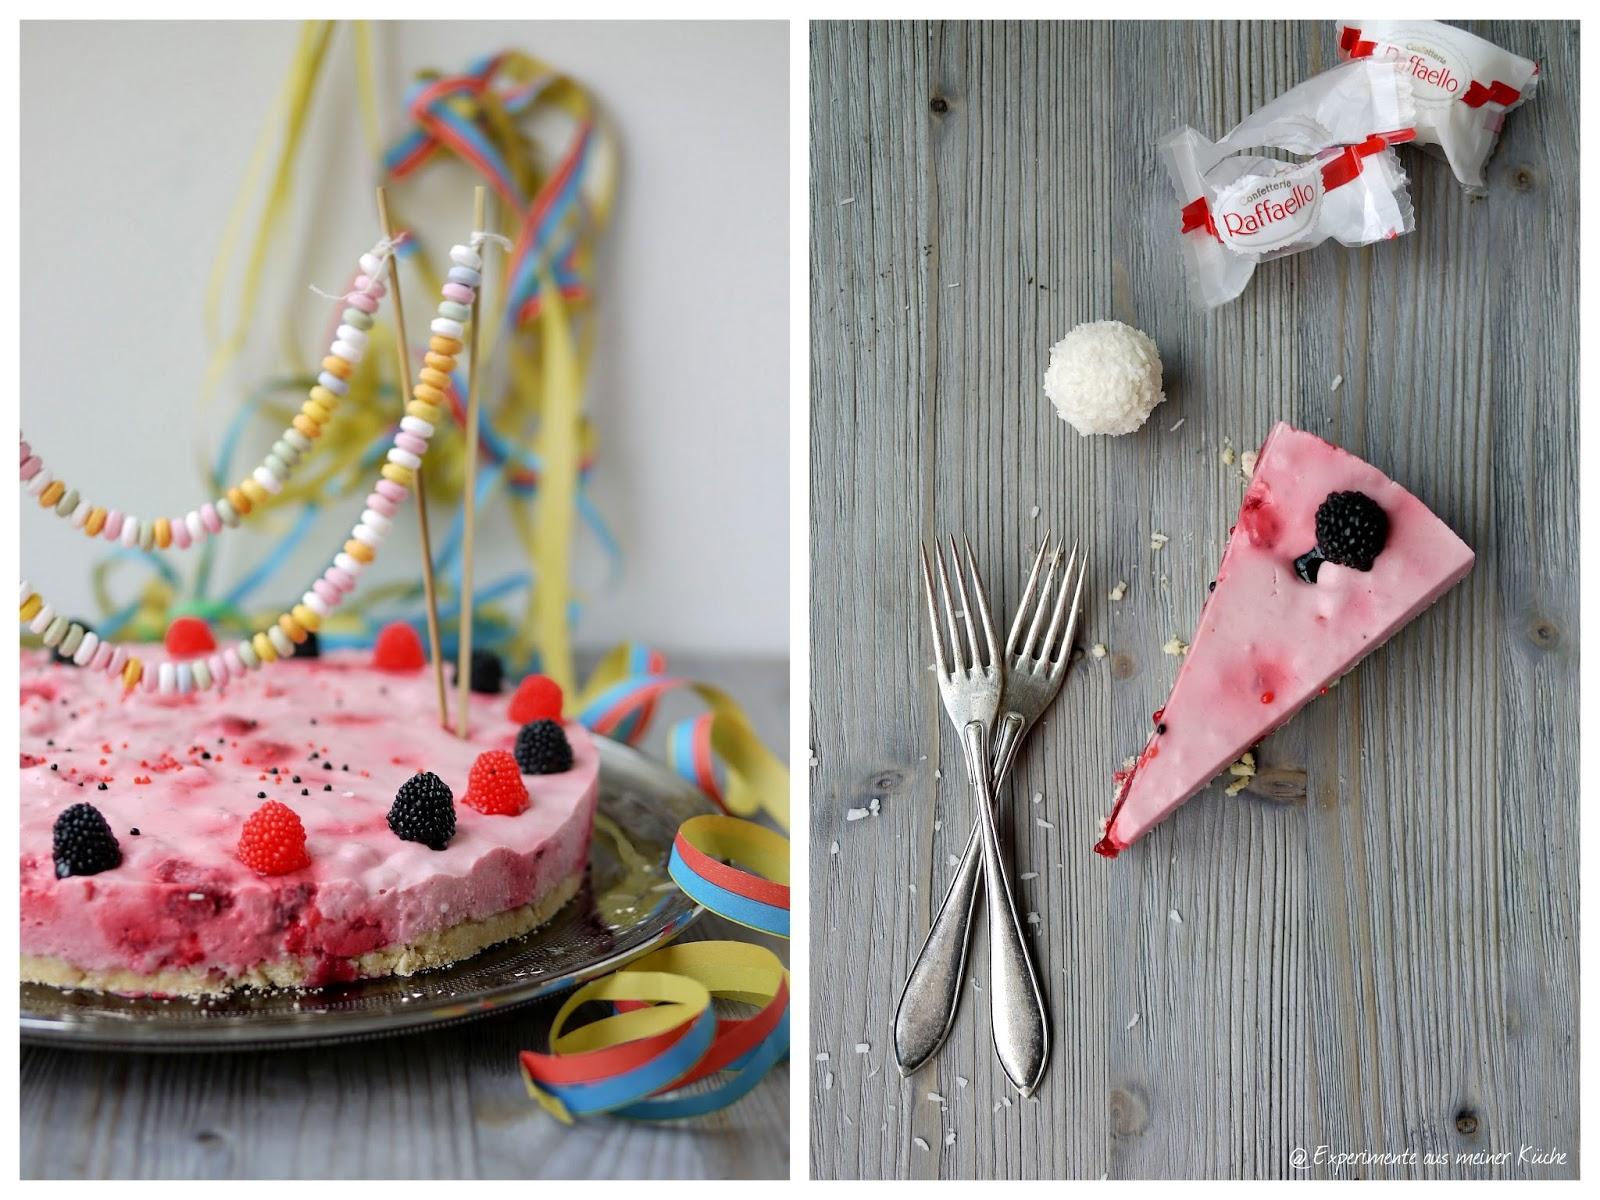 Experimente aus meiner Küche: Raffaello-Himbeer-Torte ohne Backen